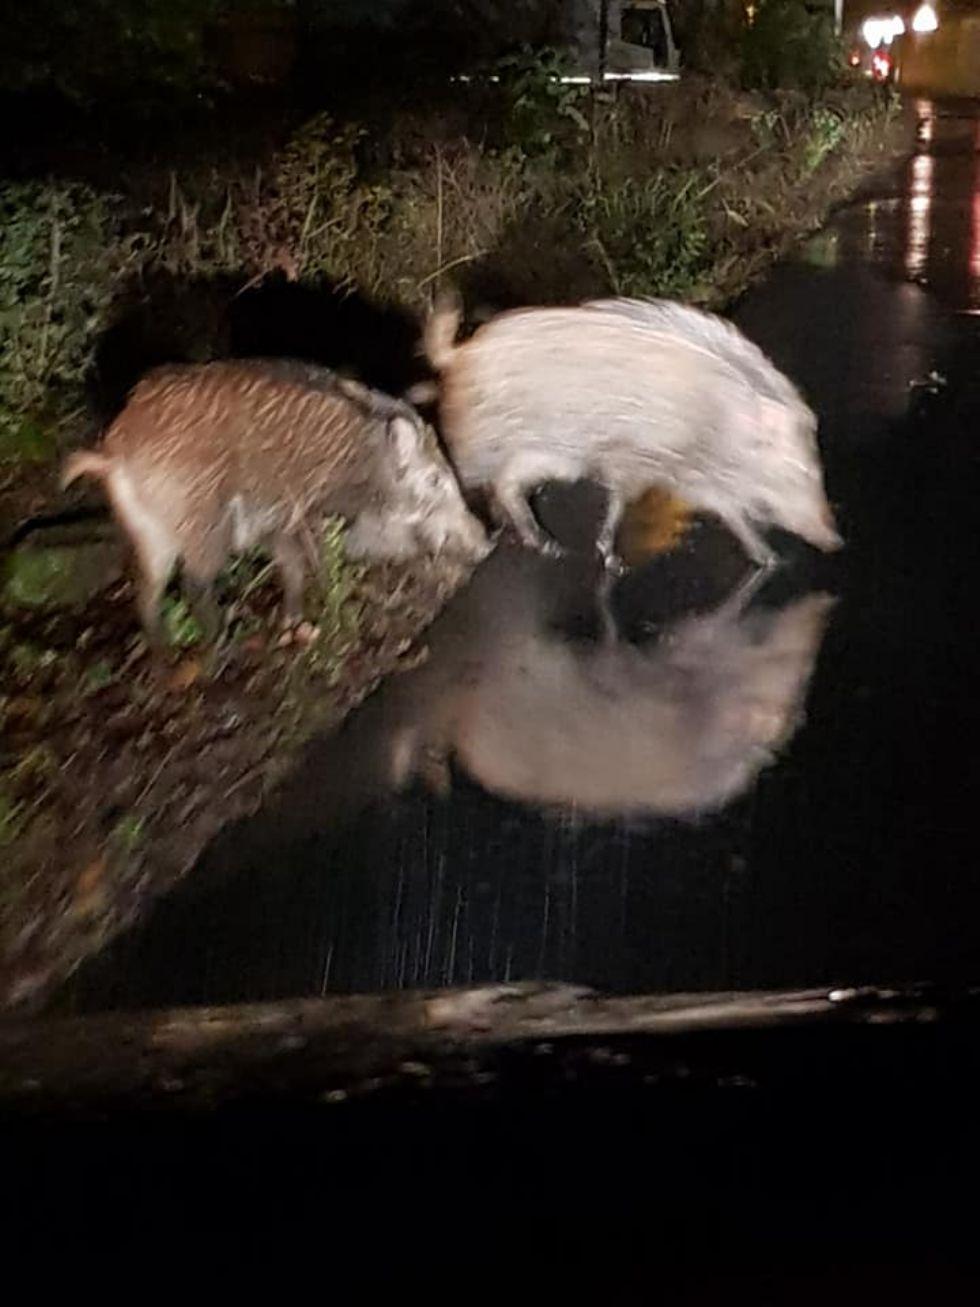 BRUINO - Cinghiali avvistati nella zona di via Villarbasse: allerta per le auto